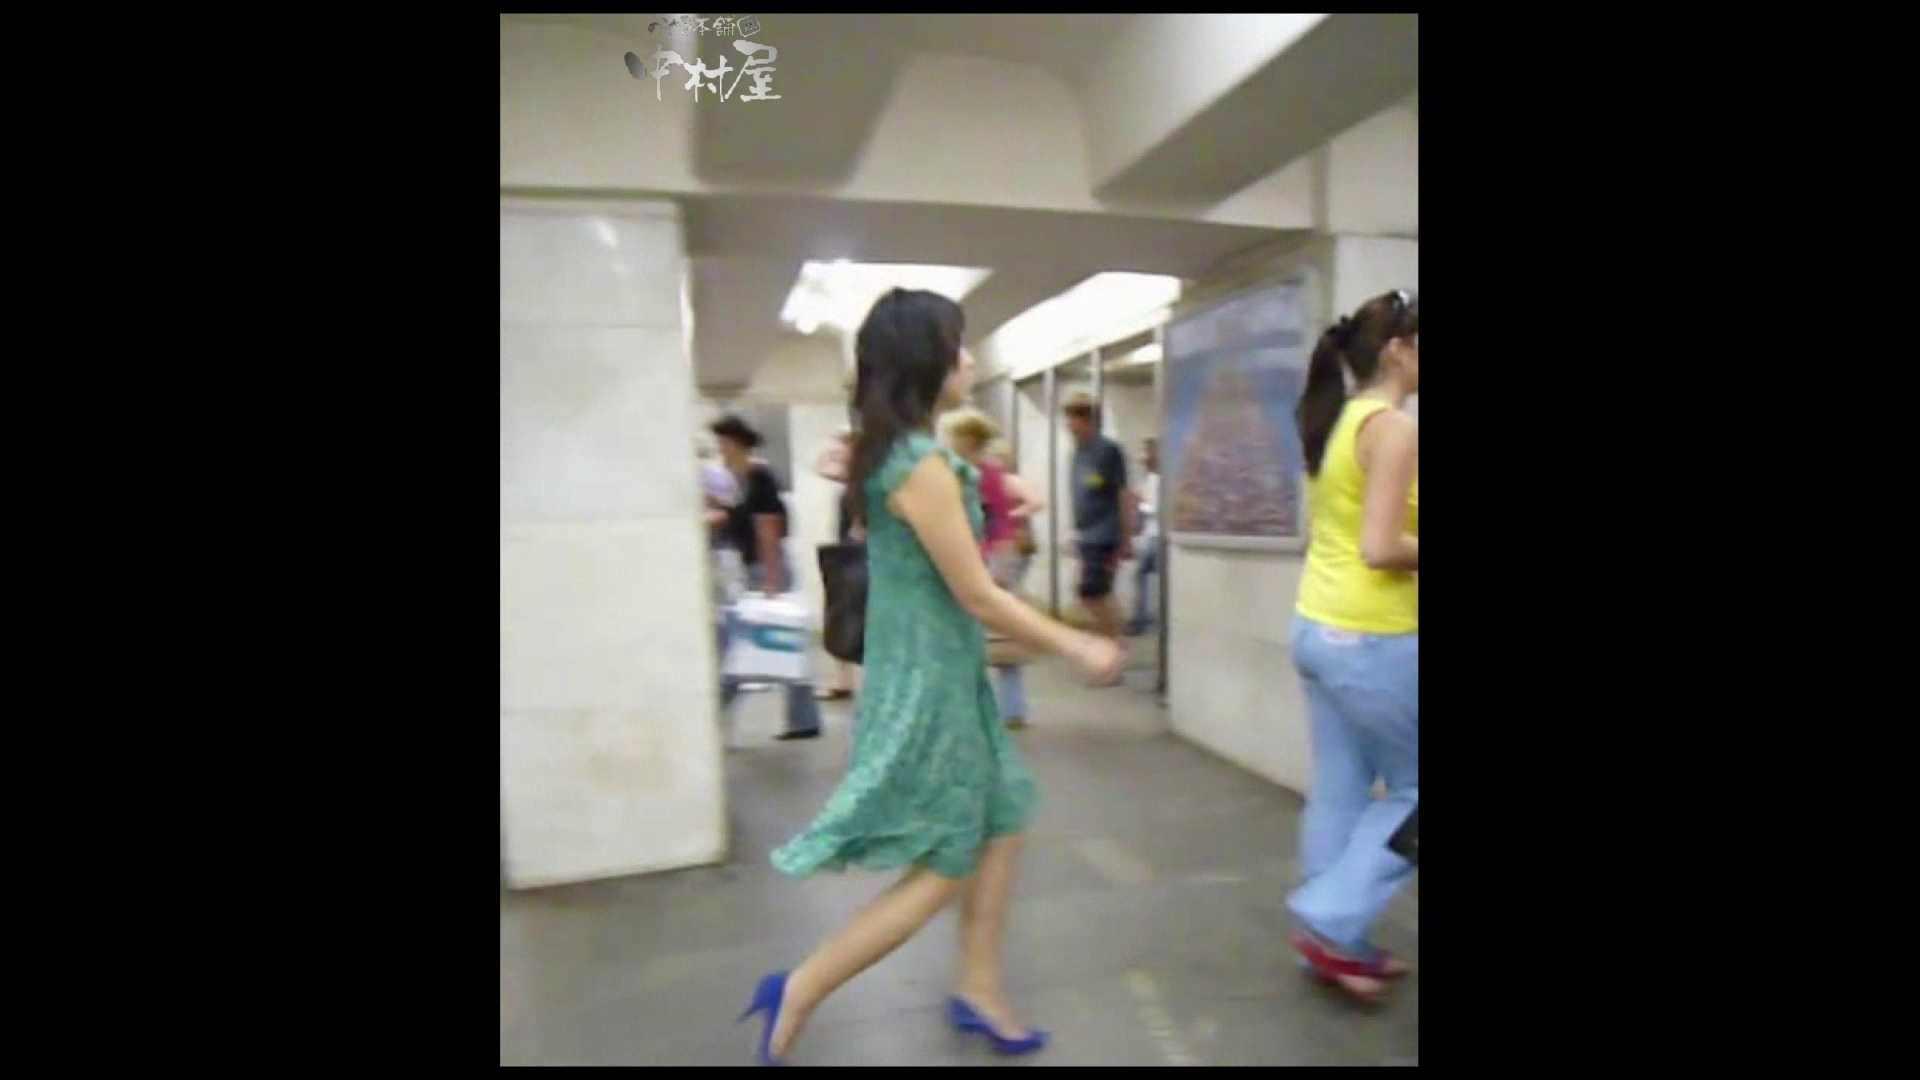 綺麗なモデルさんのスカート捲っちゃおう‼ vol29 OLのプライベート のぞき動画画像 10pic 2